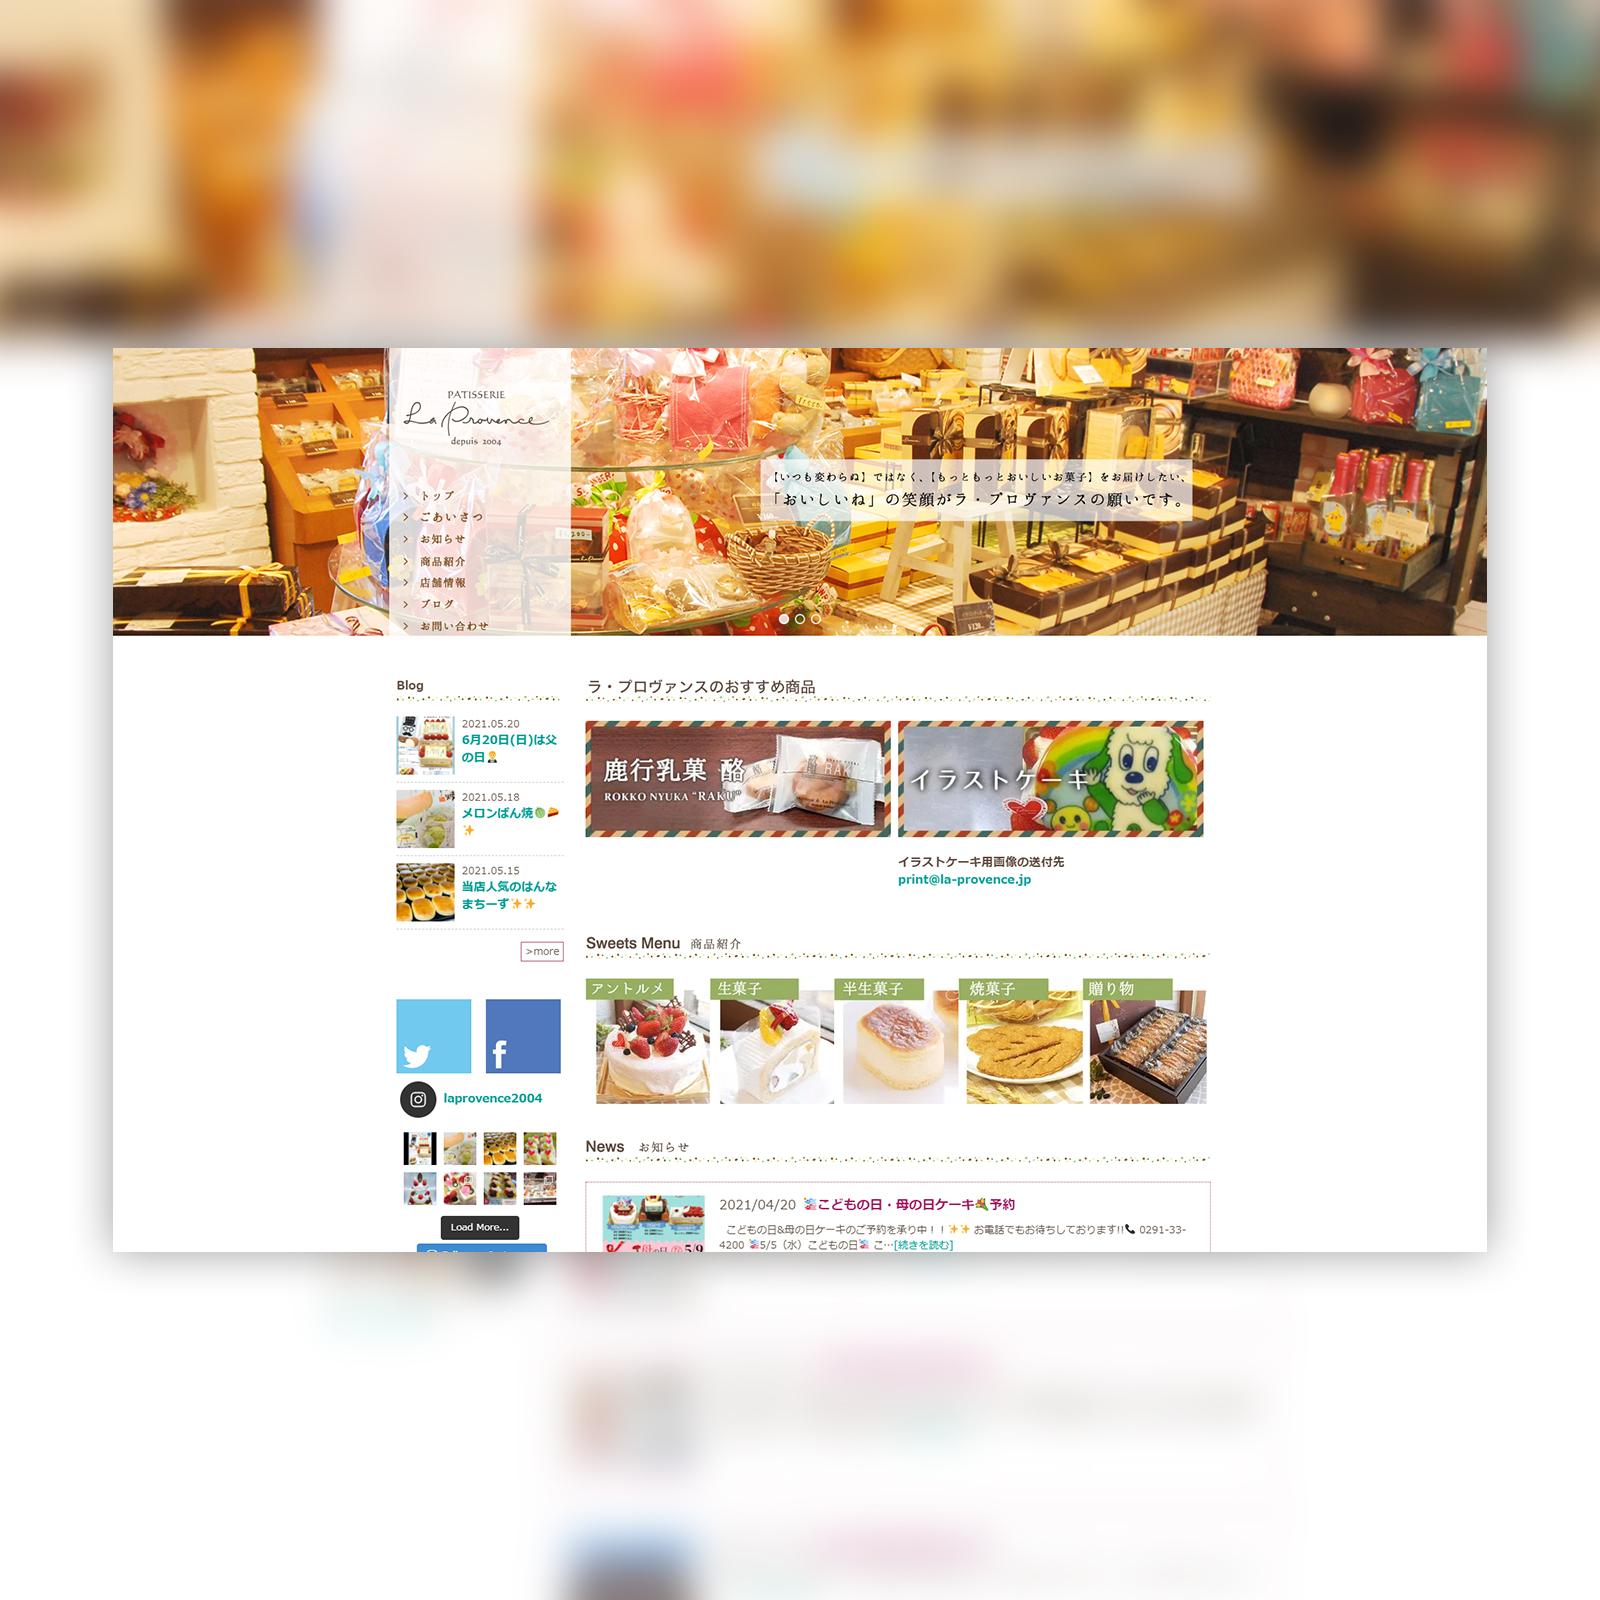 ラプロヴァンス ウェブサイト